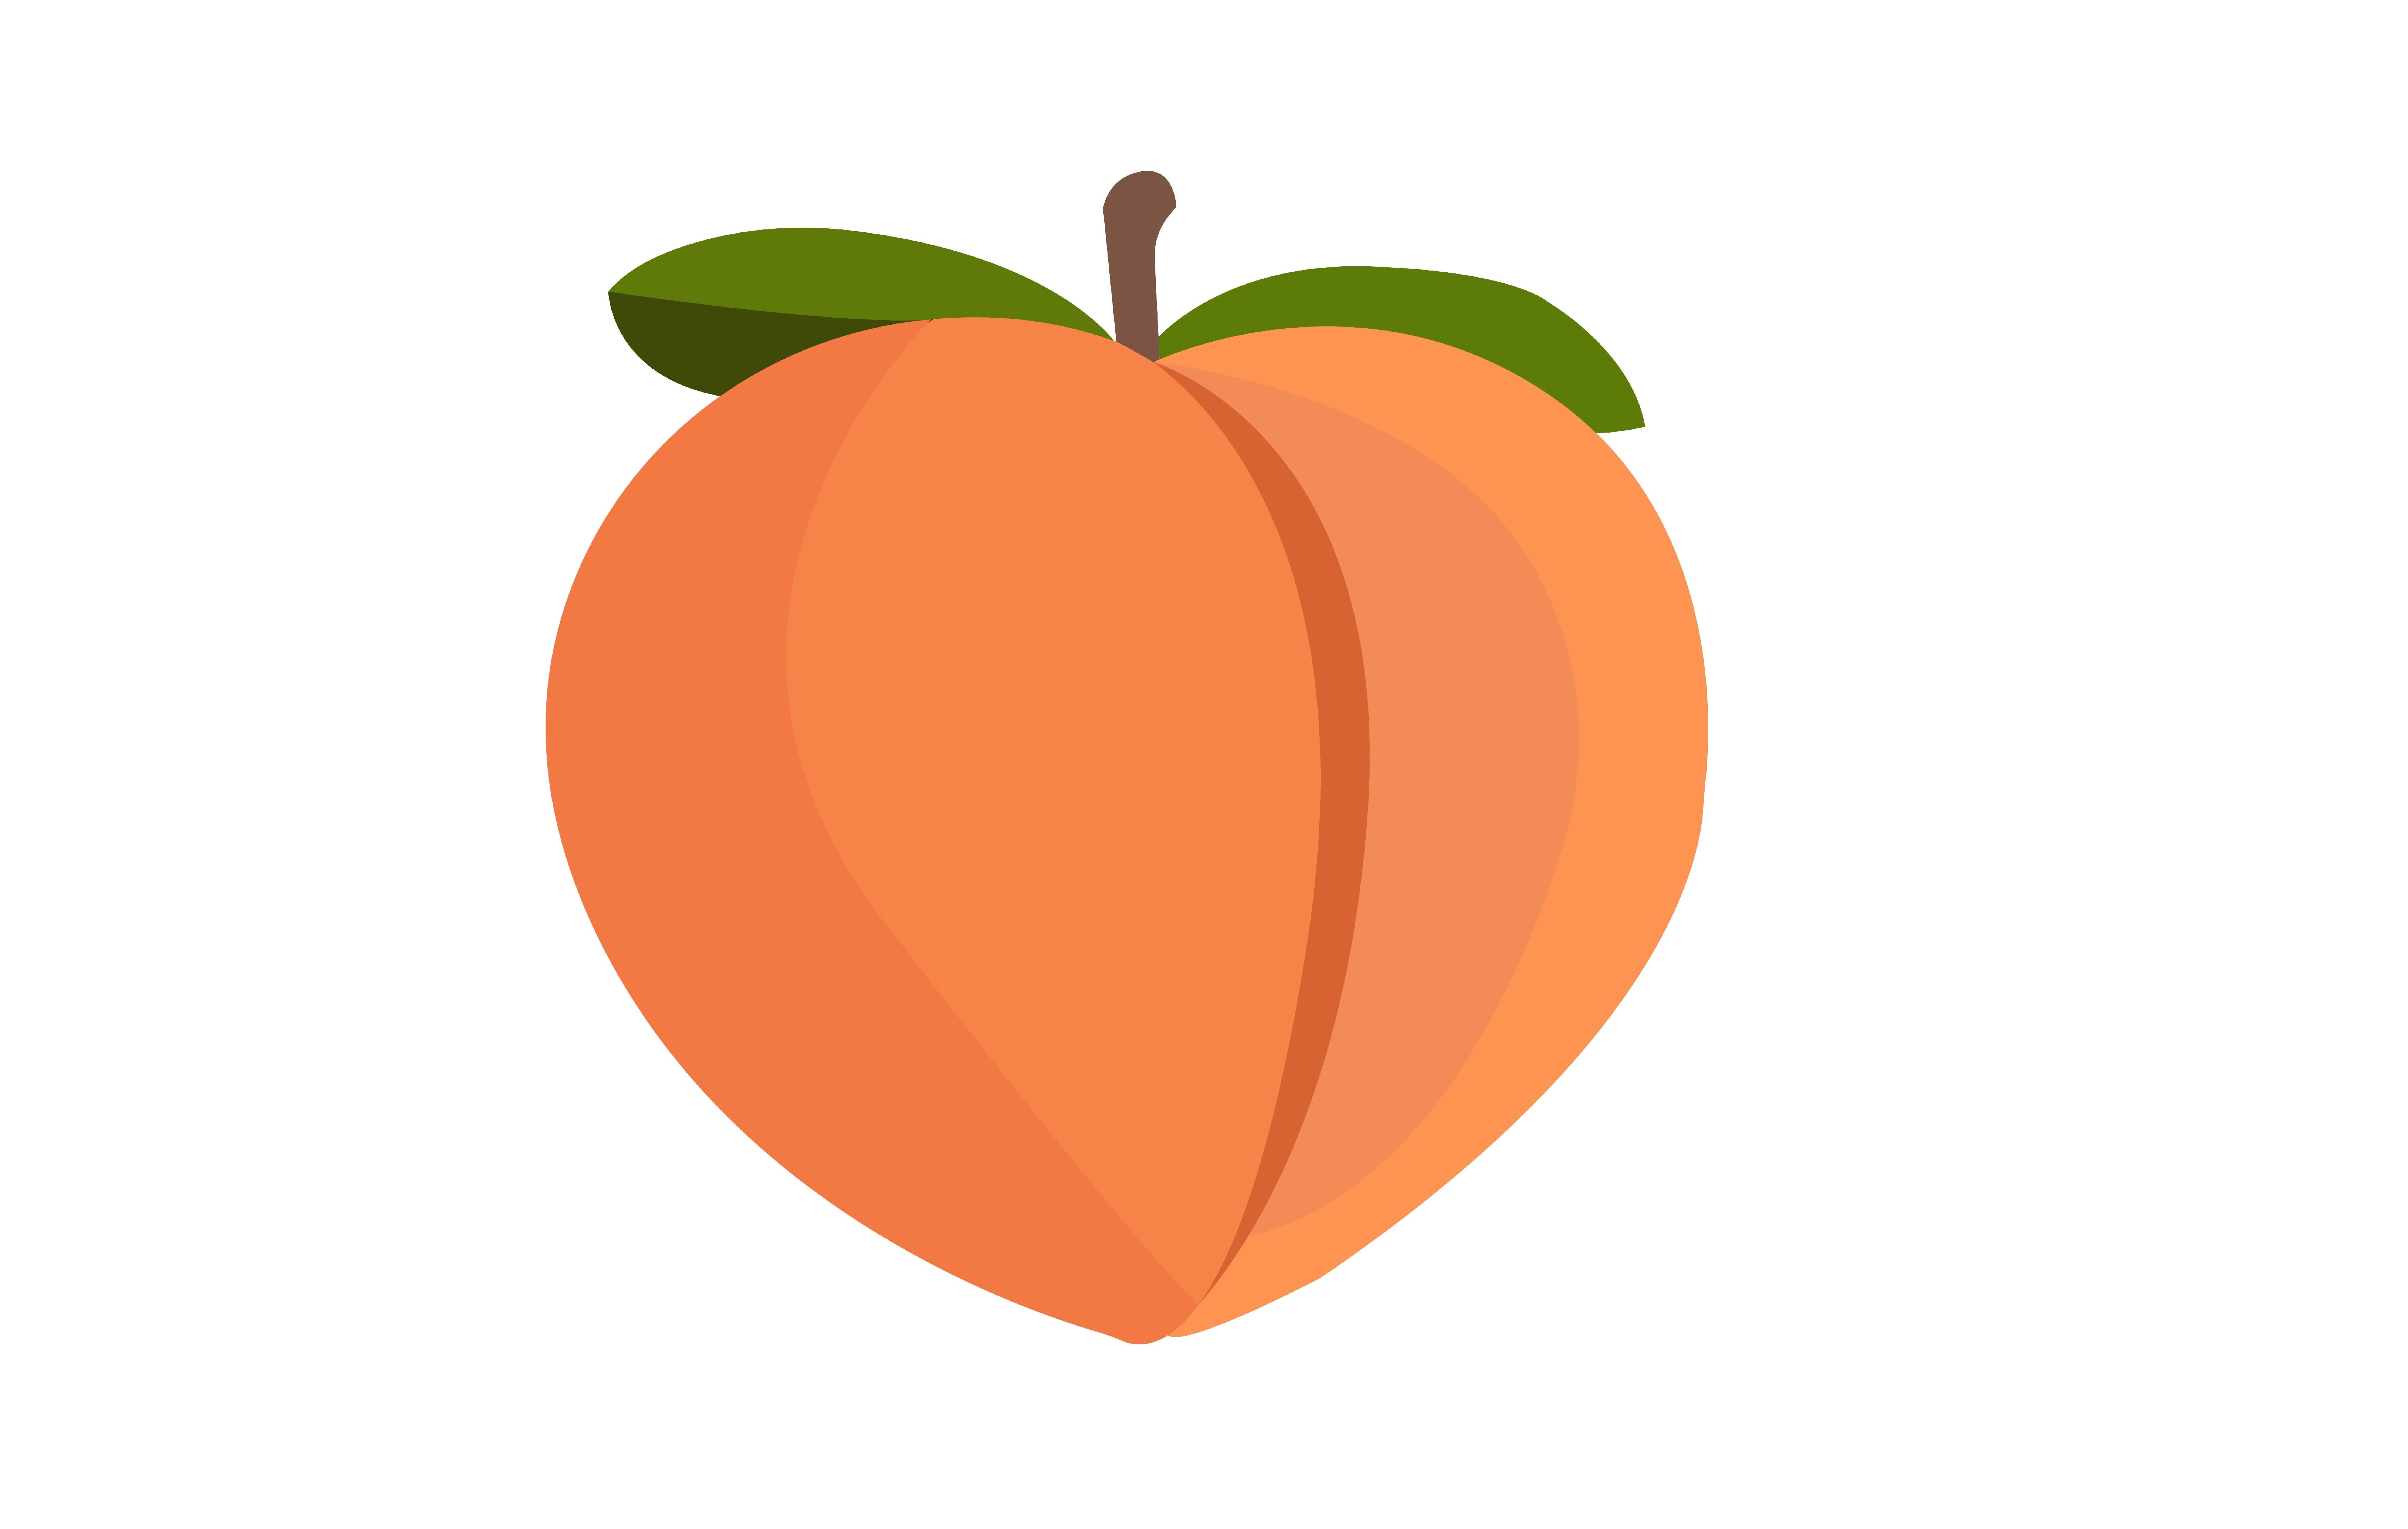 Peach Emoji Clipart